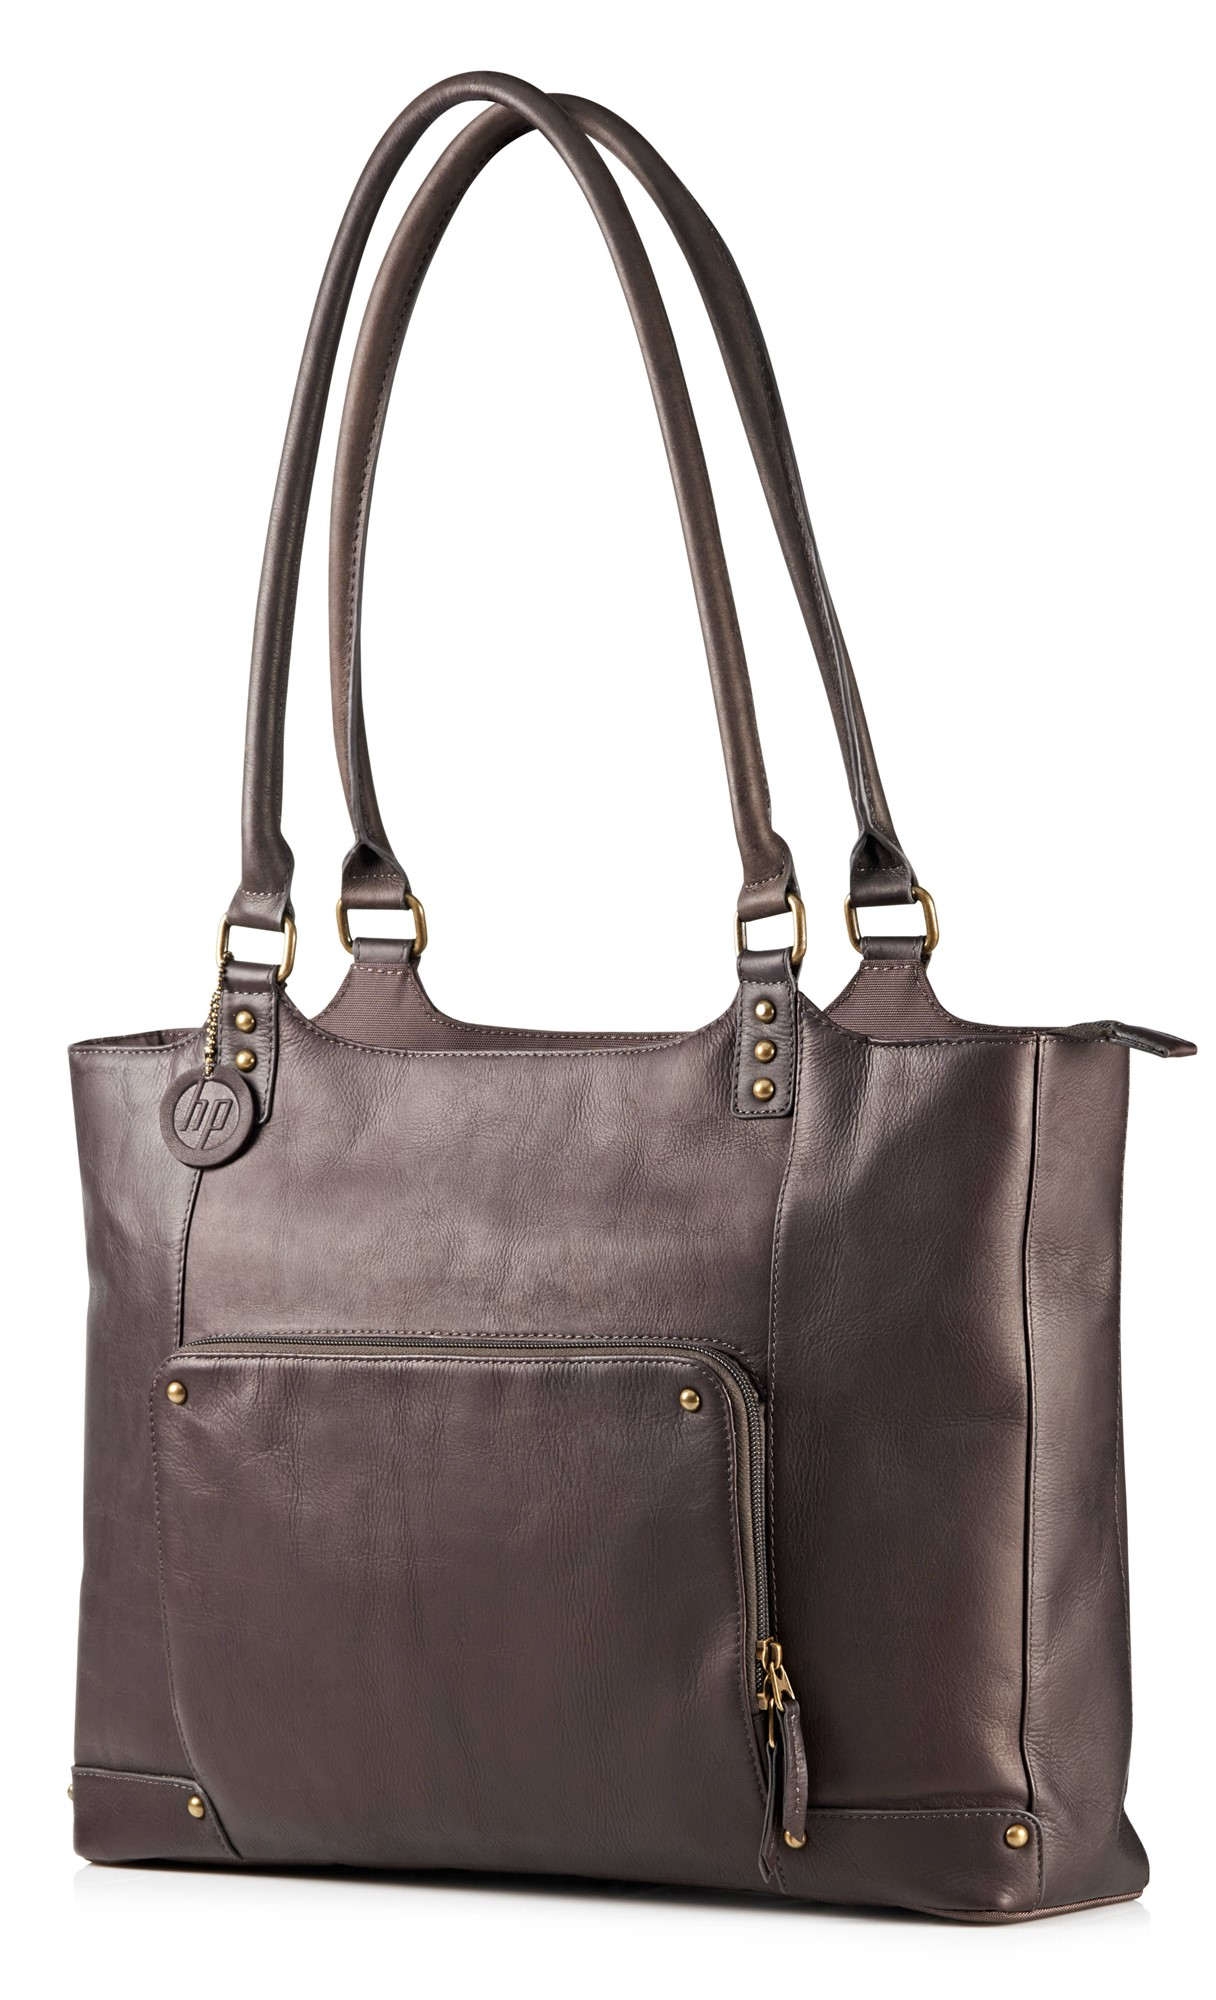 HP Ladies Brown Leather Tote